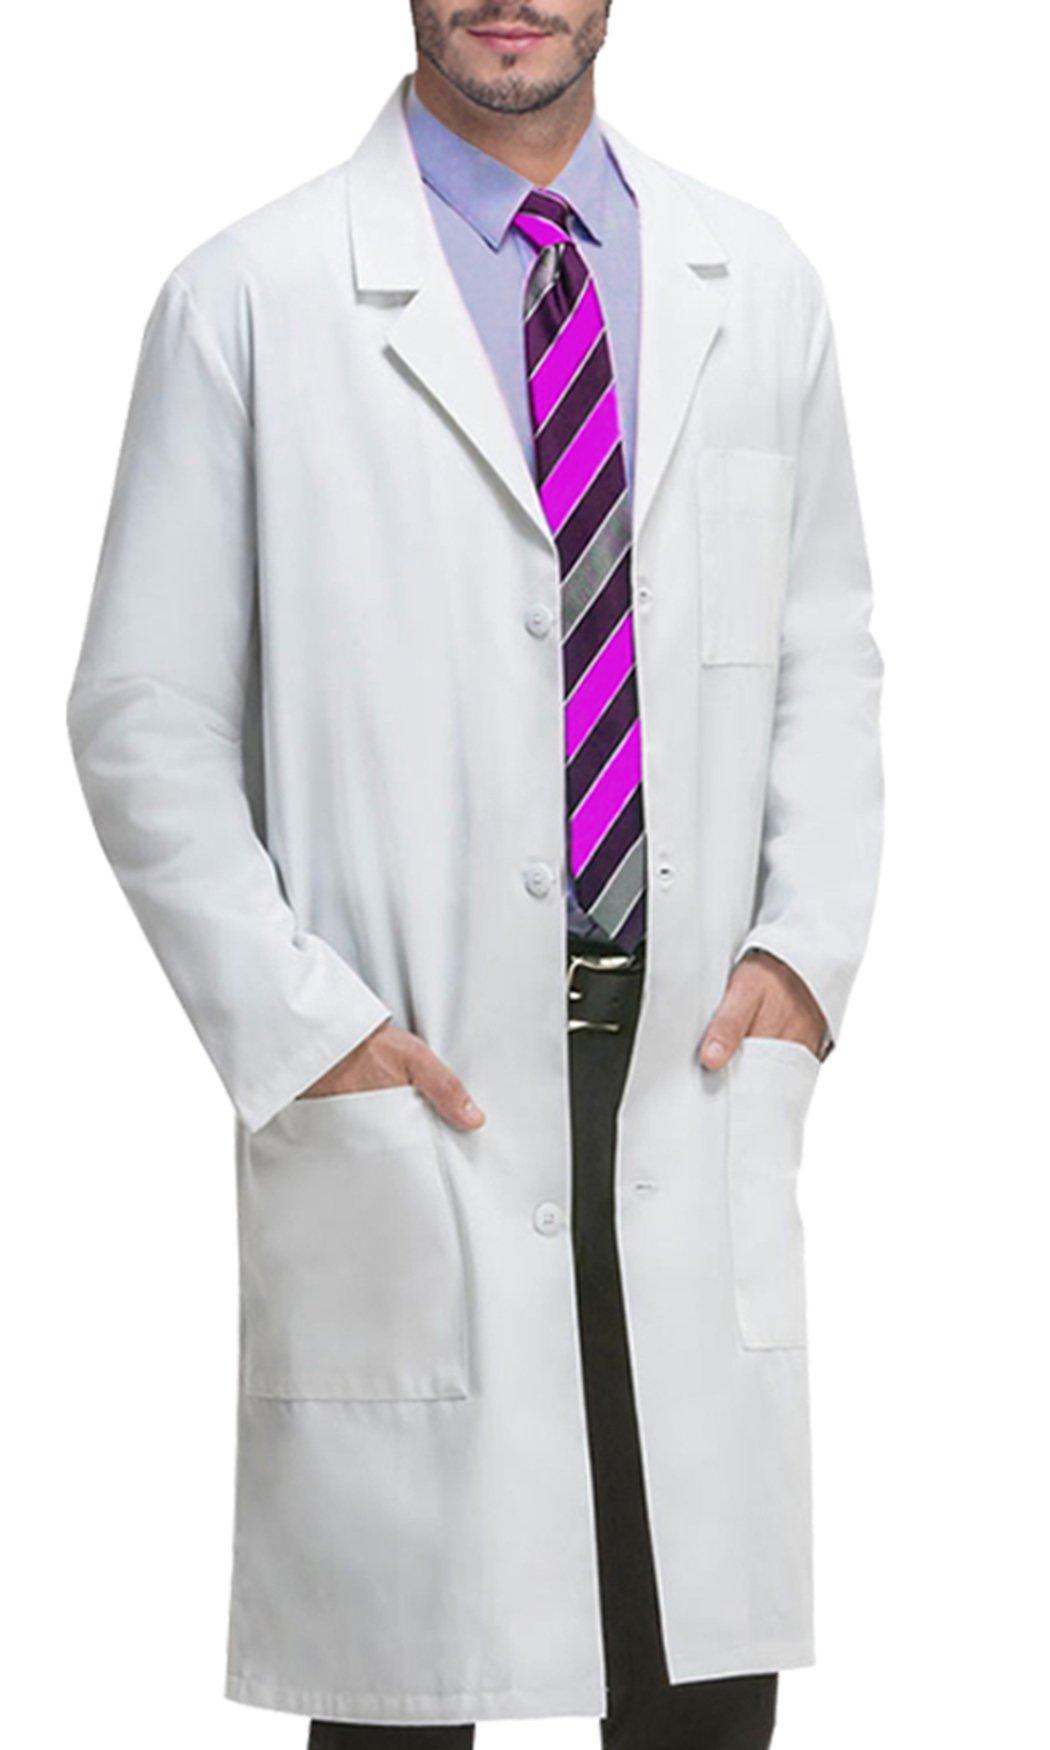 VOGRYE Professional Lab Coat for Women Men Long Sleeve, White, Unisex. (L, White2)